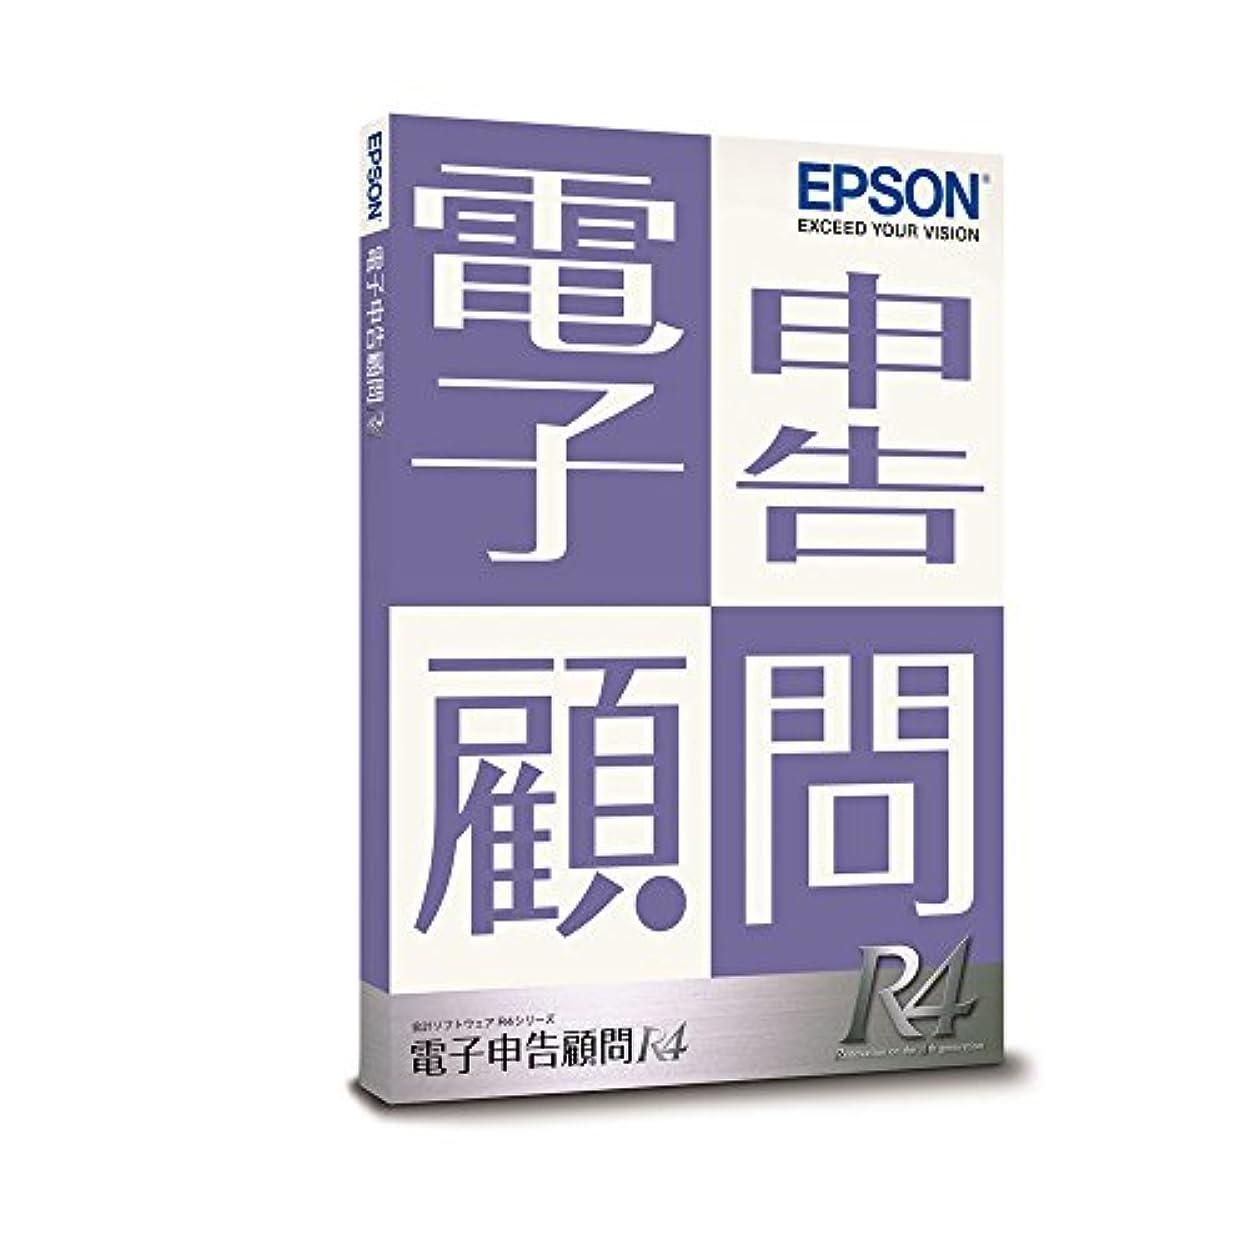 振り向く段落シダ【旧商品】エプソン 電子申告顧問 R4   1ユーザー